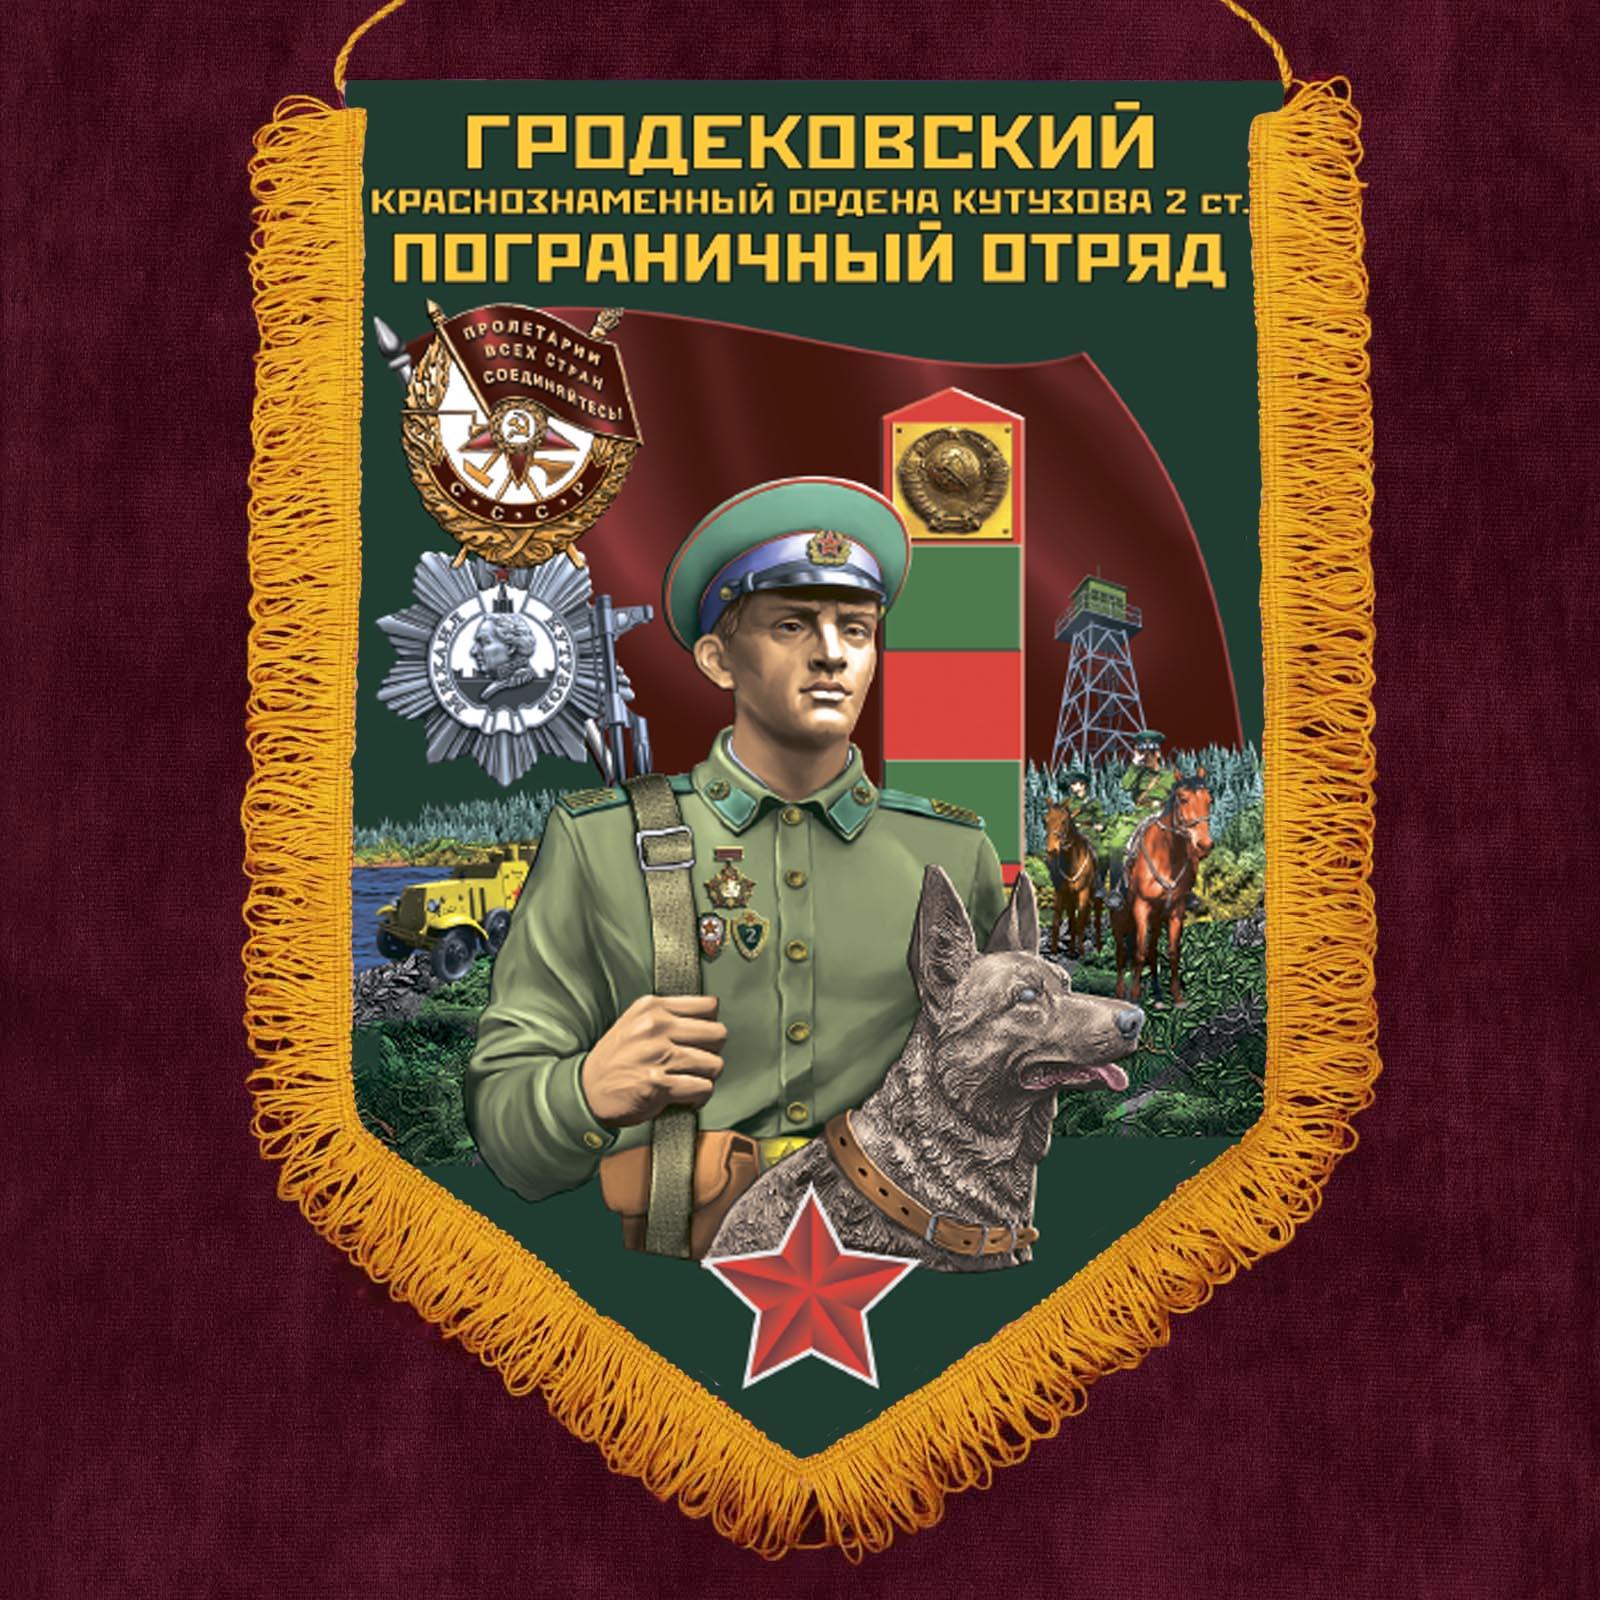 Наградной вымпел Гродековский пограничный отряд